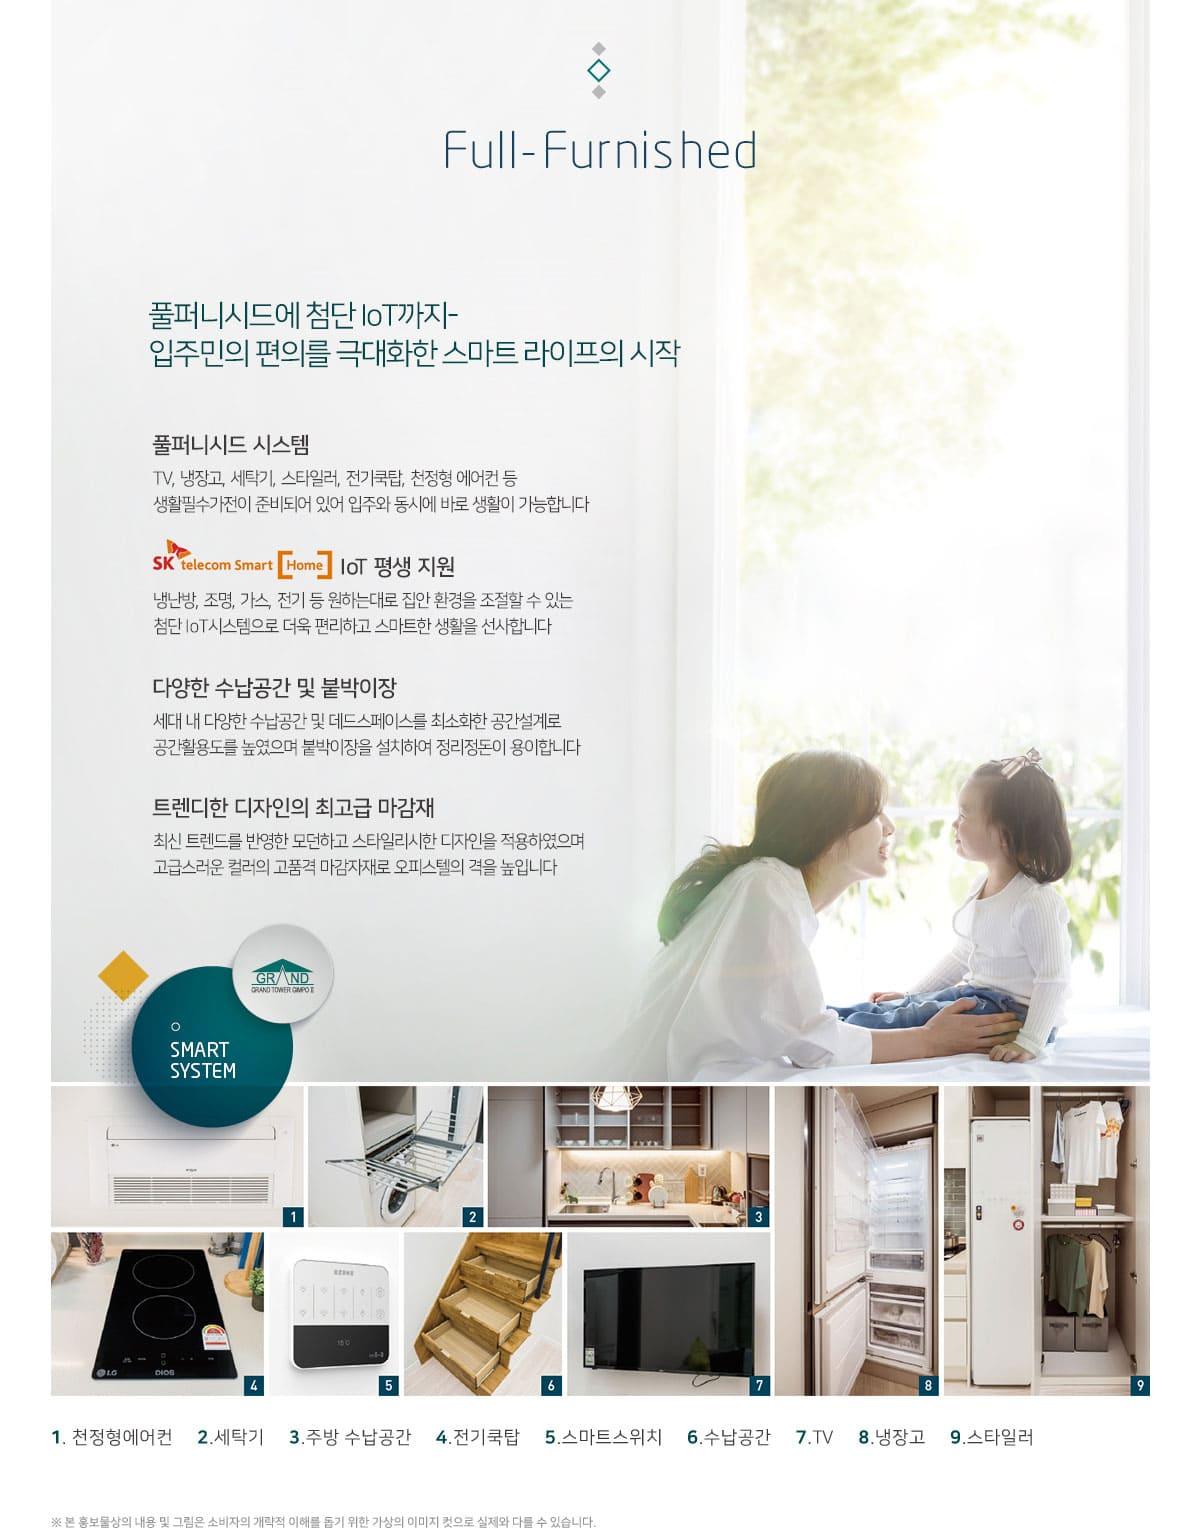 김포 풍무 그랜드타워 2차-시스템